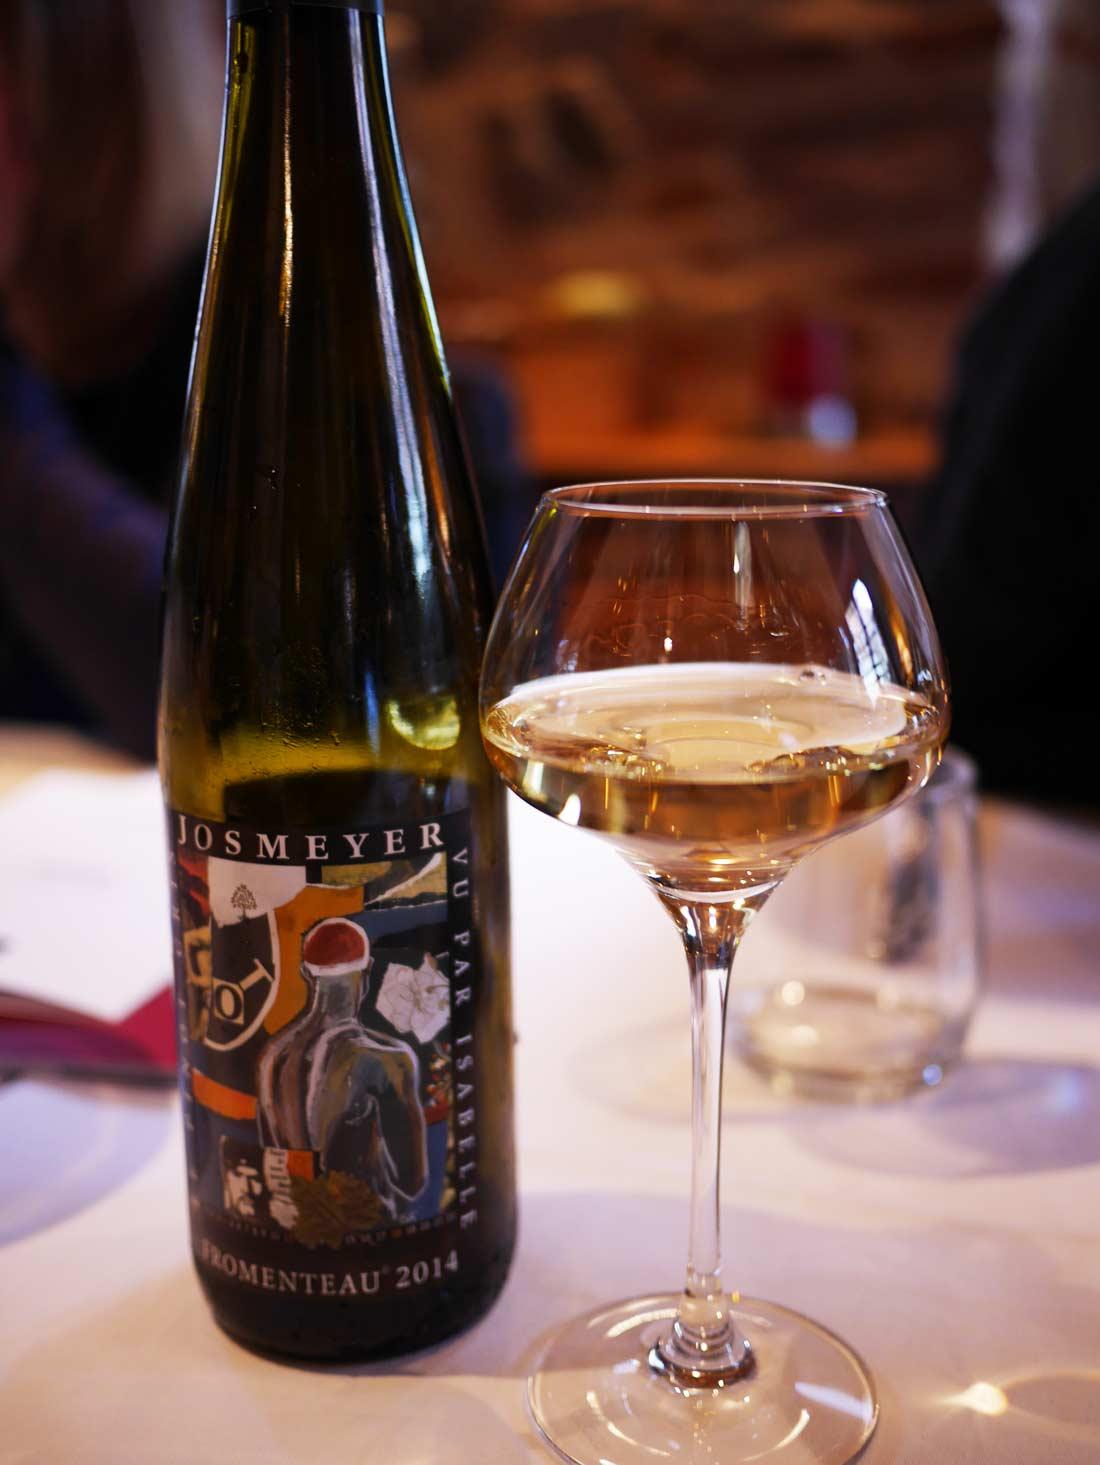 vins d'Alsace Josmeyer